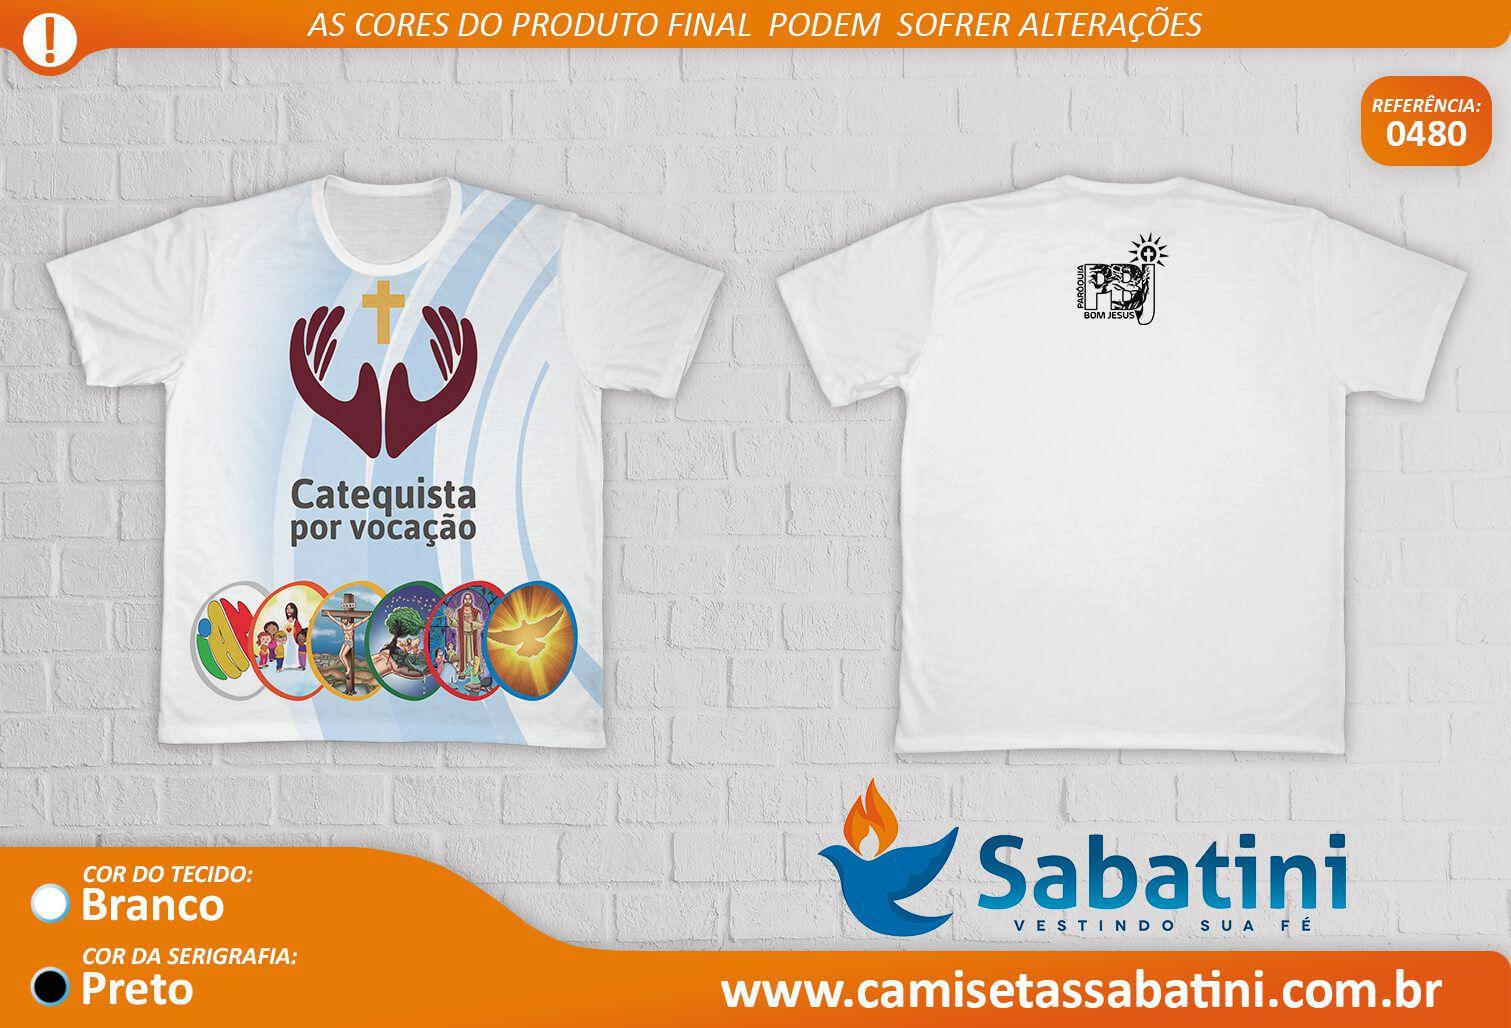 Camiseta Personalizada - CATEQUISTA - DOURADOS - MS - ID:14749109  - Camisetas Sabatini